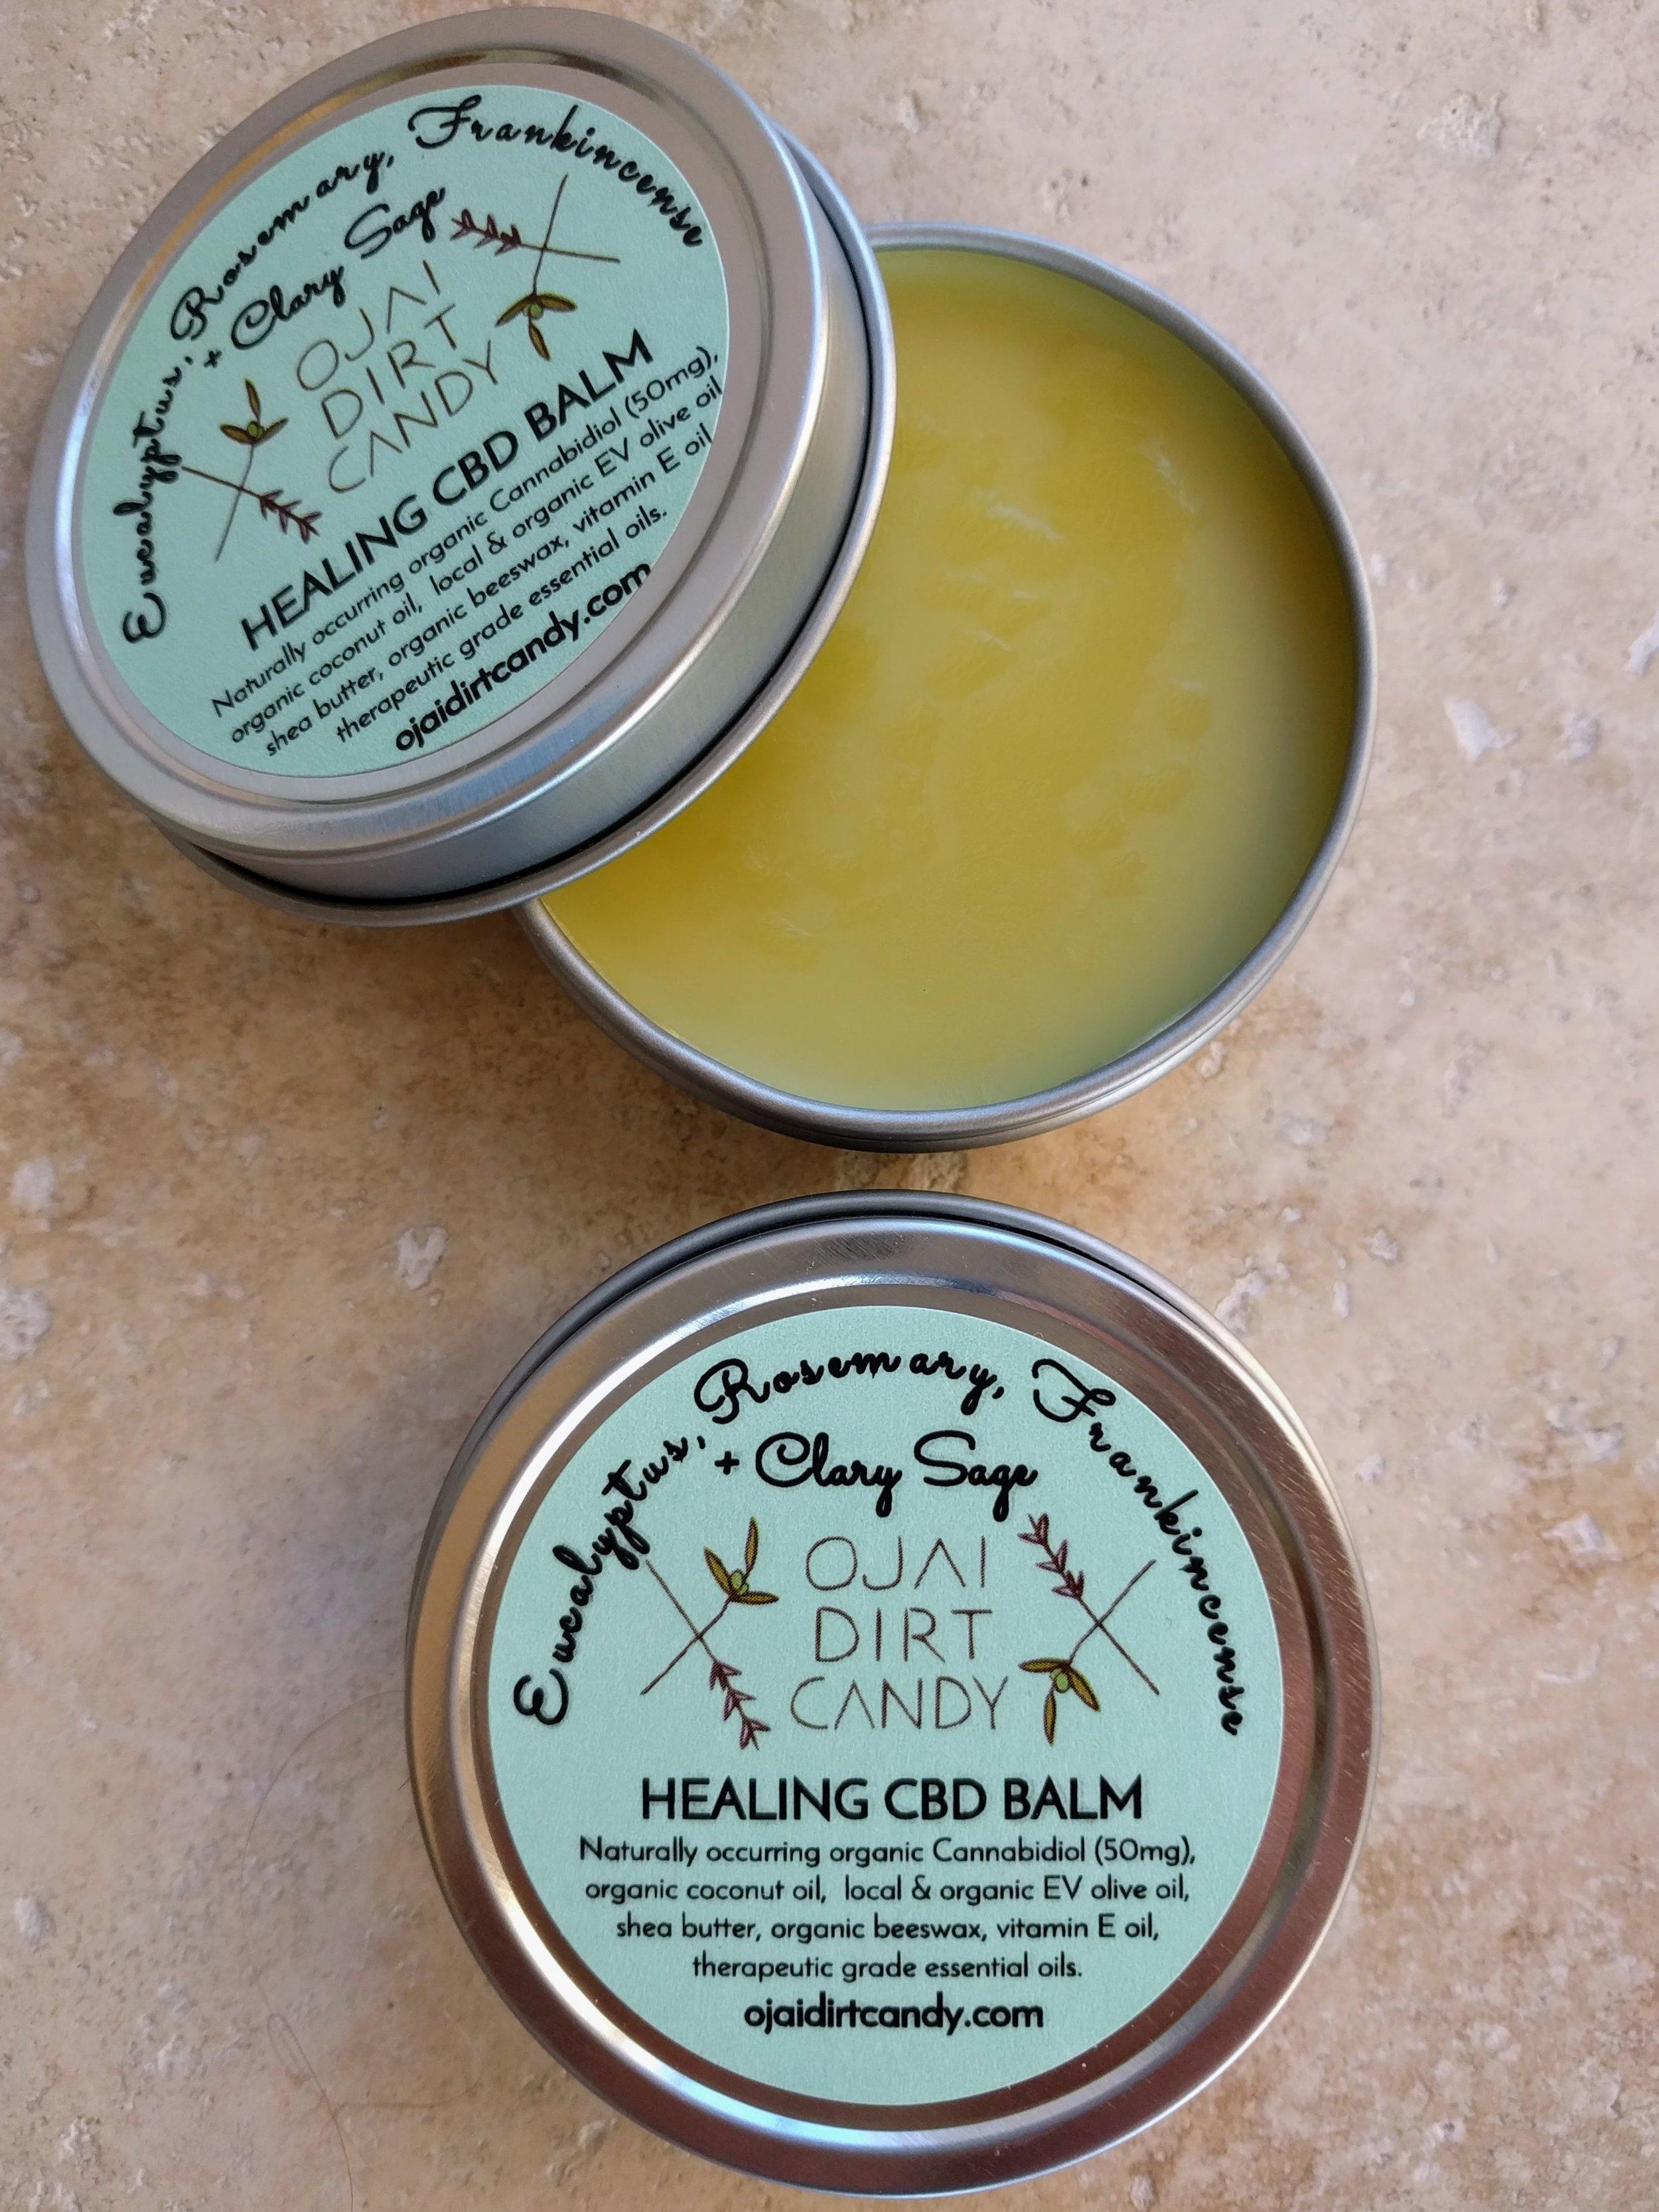 Ojai Dirt Candy Healing CBD Balm